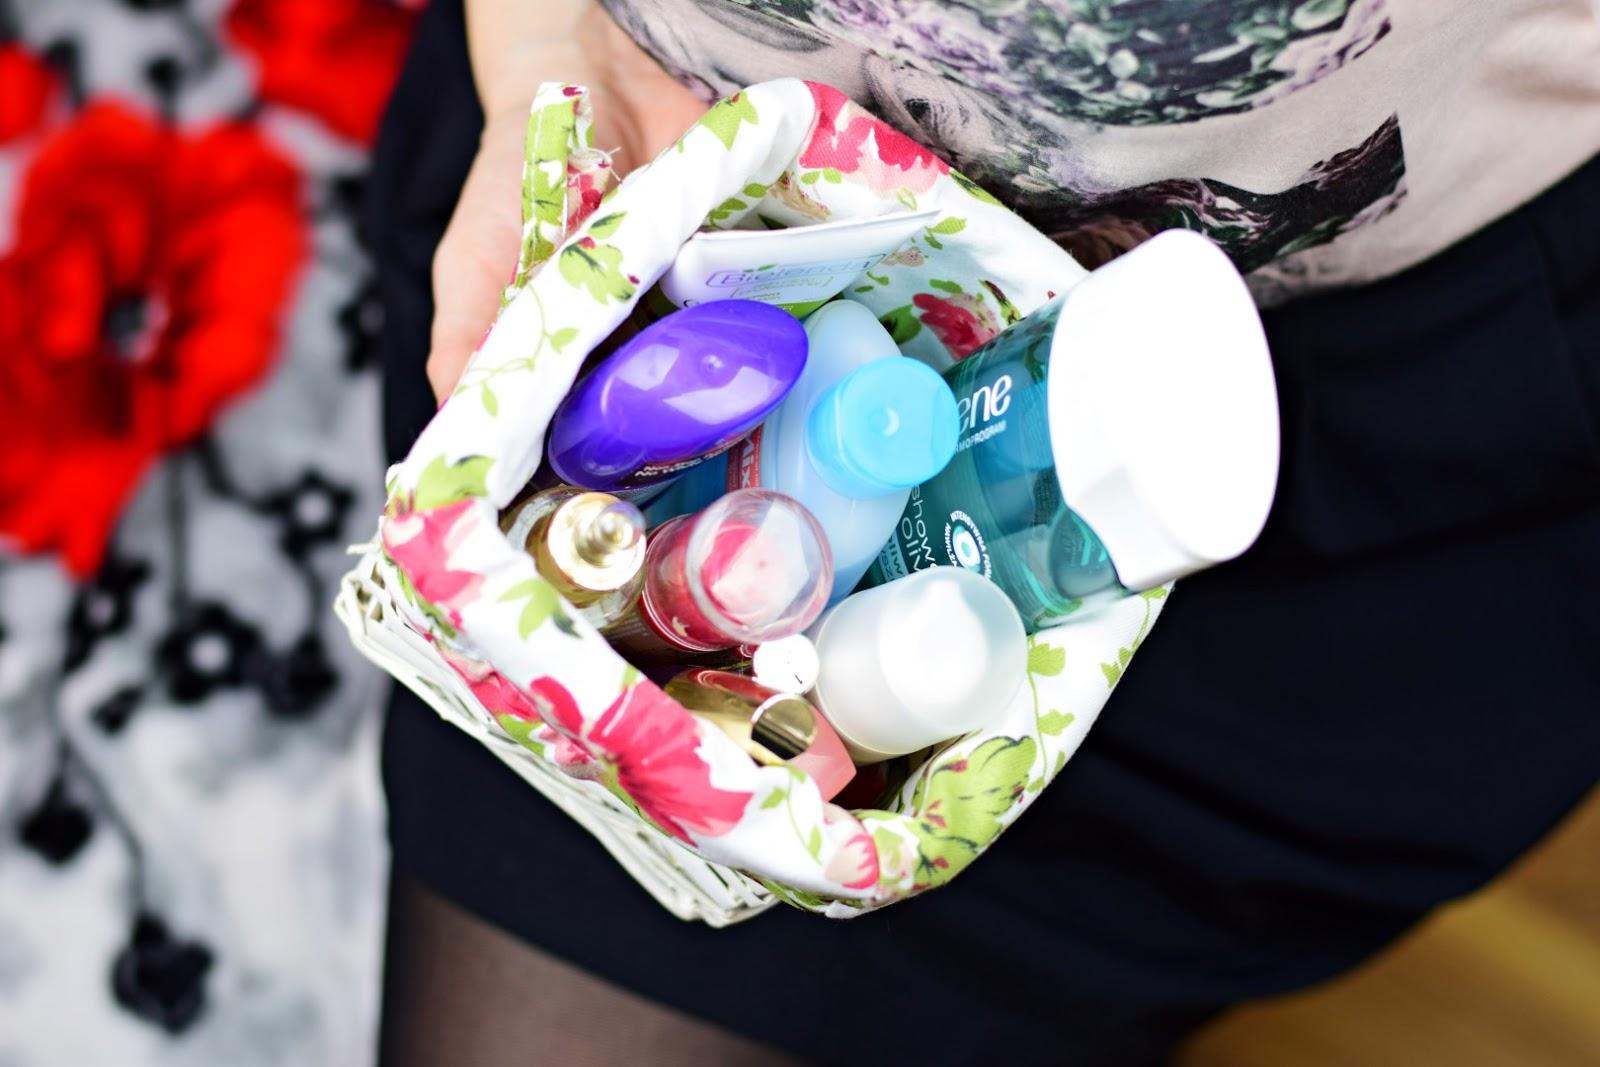 Mademoiselle Magdalene   Blog o urodzie i stylu życia : Odkrycia kosmetyczne 2015 roku!   Pielęgnacja   Kolorówka   Pędzle   Paznokcie   Urodowe gadżety